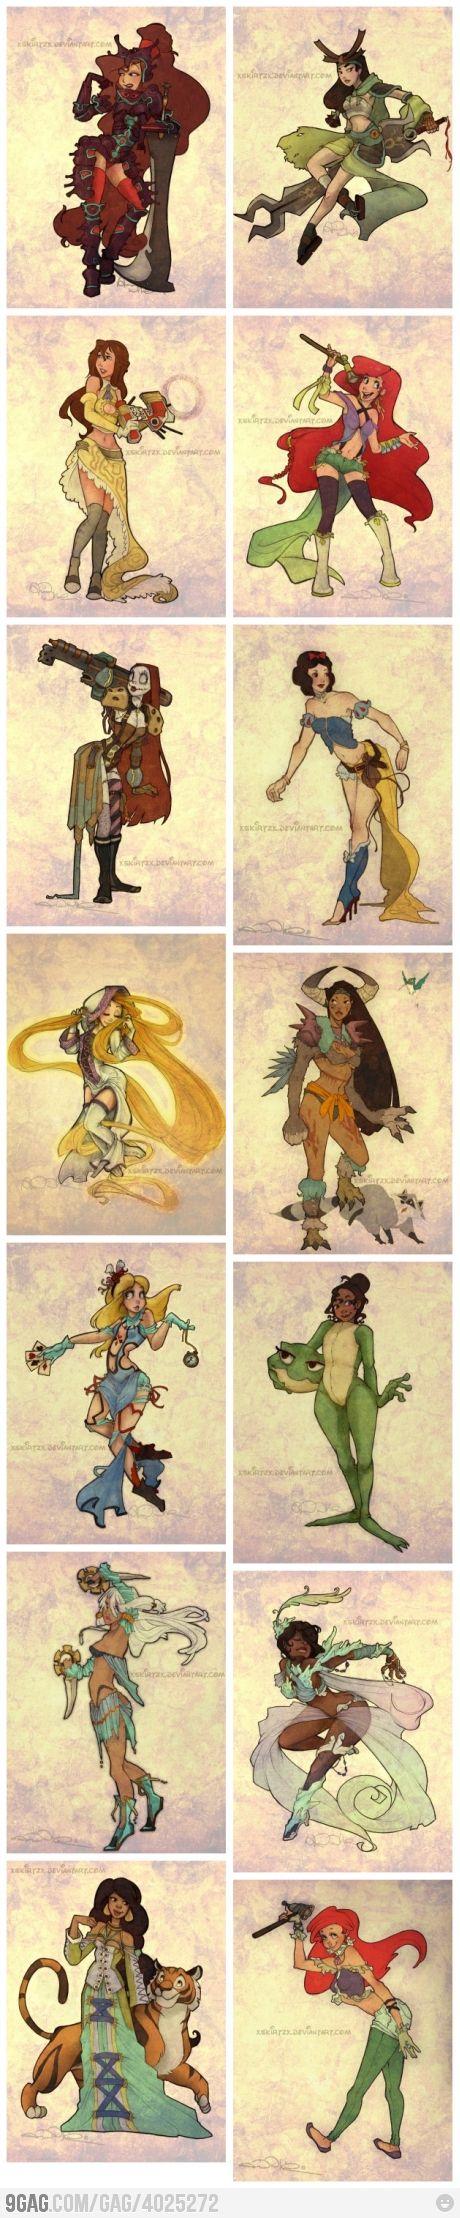 Sin trajes, ¿Siguen siendo princesas? ¿Acaso el atuendo define quiénes somos?